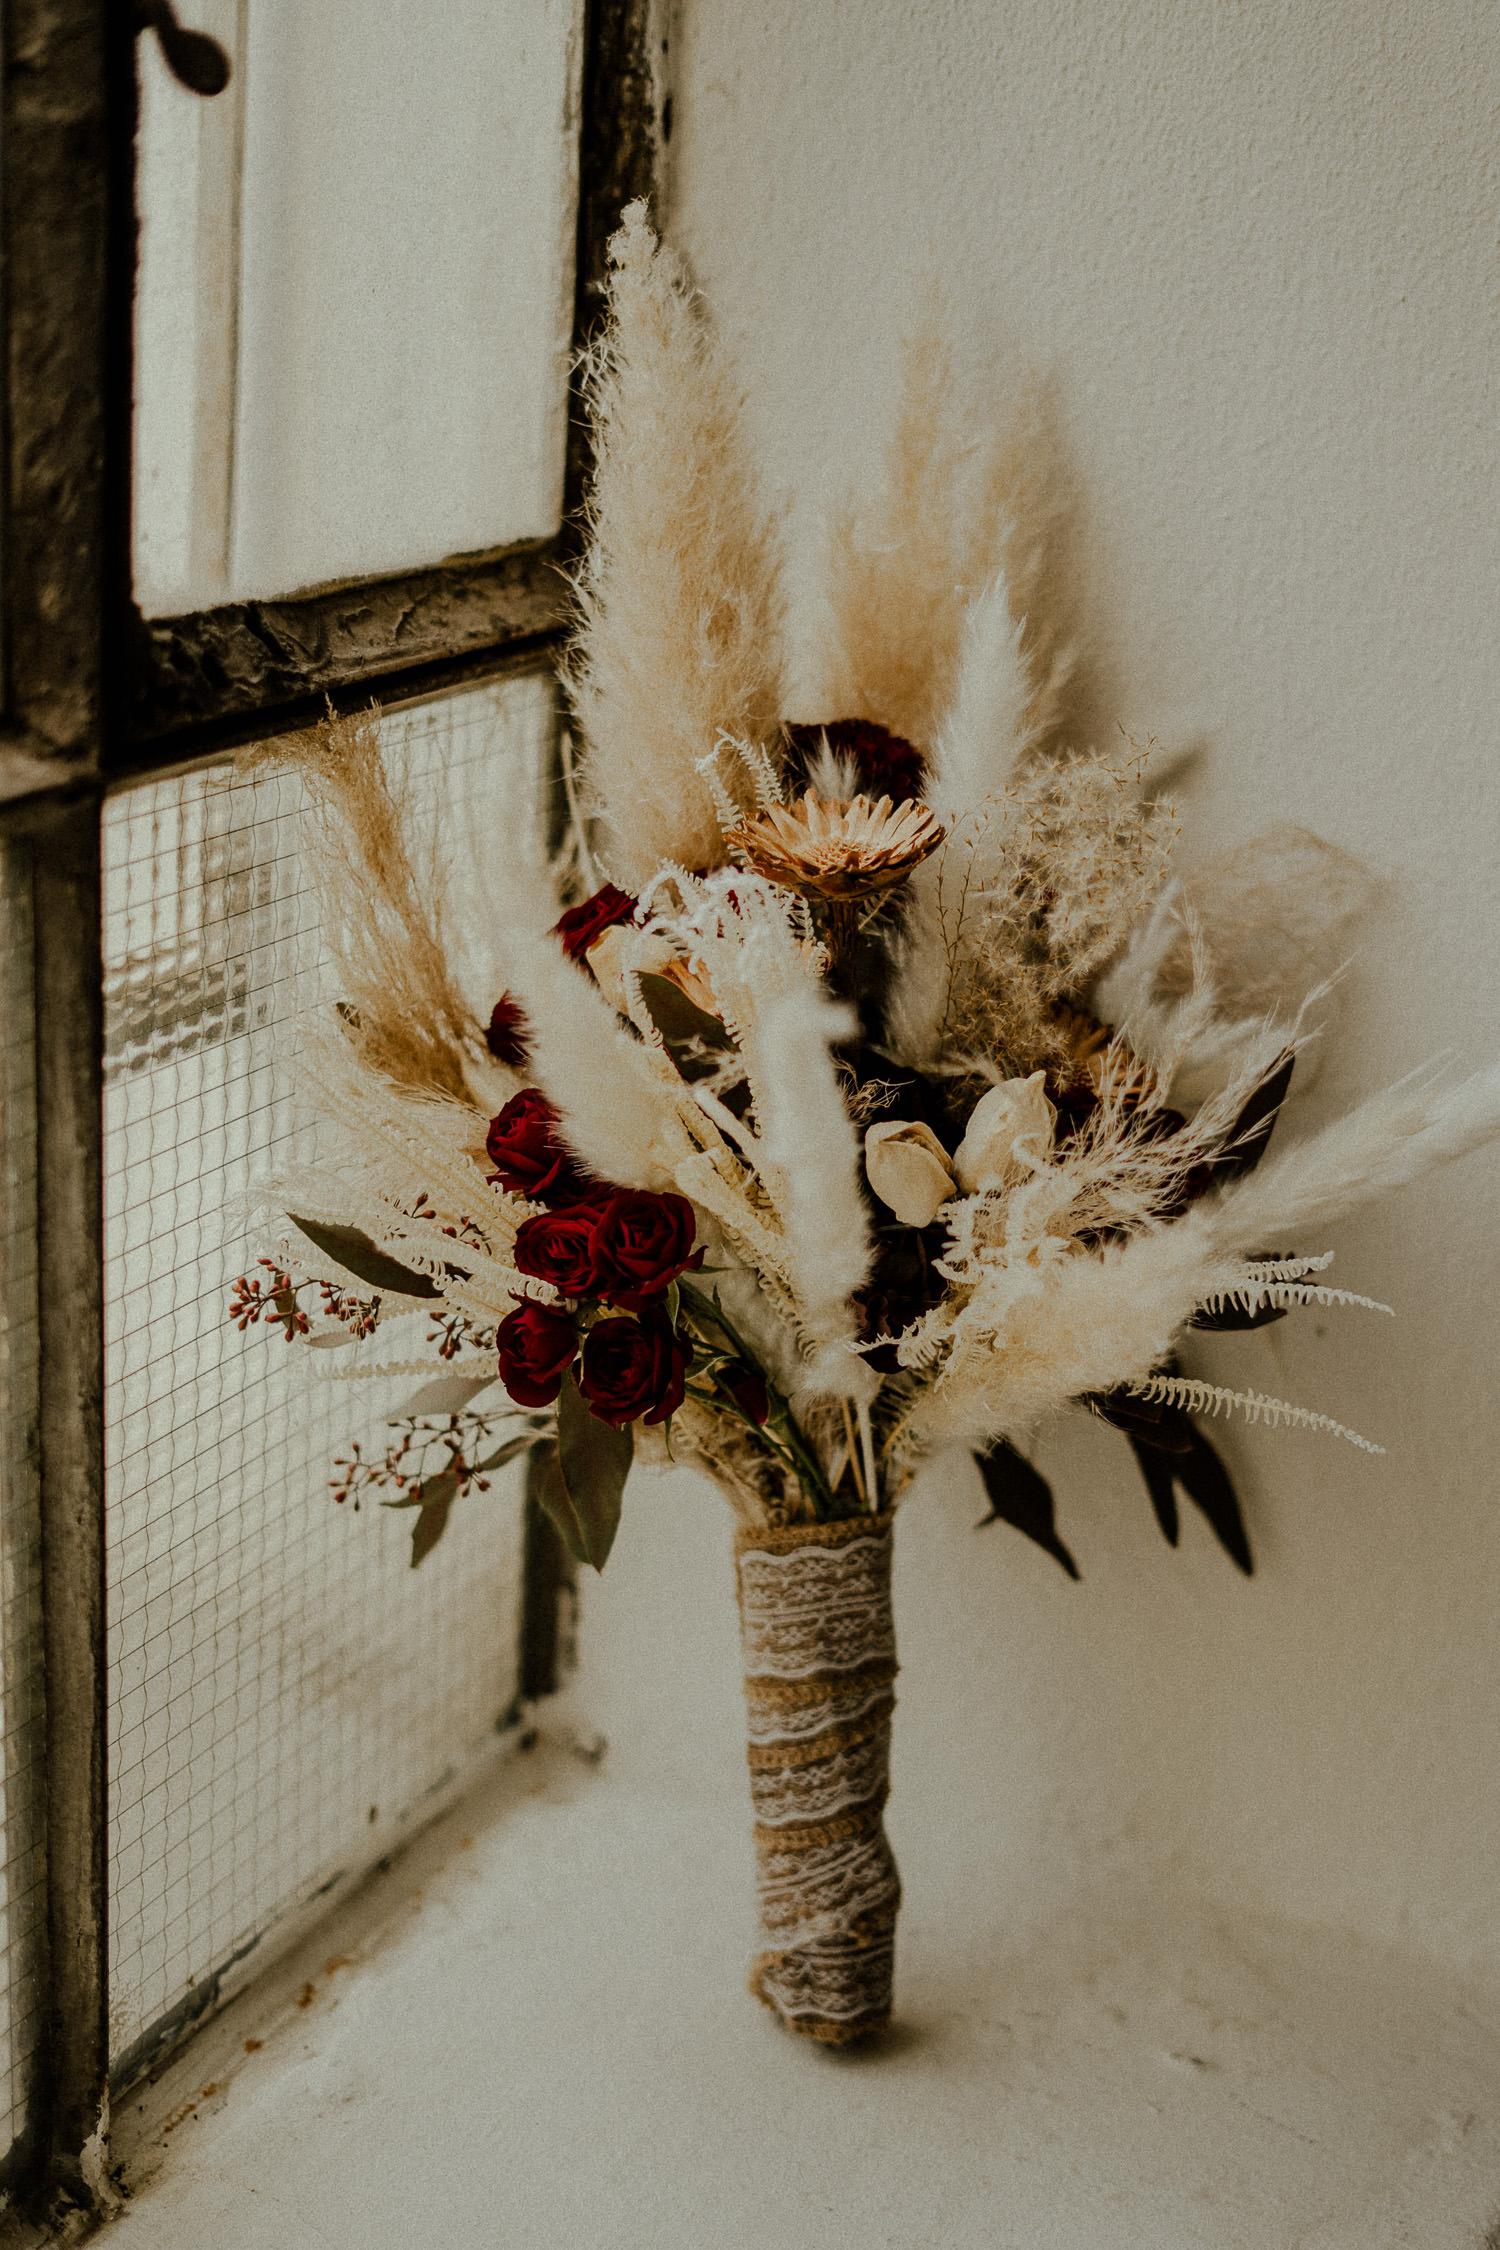 Hochzeitsworkshop Grace Food Nürnberg Hochzeitsreportage Brautkleid Boho Willows Foto Film Maindekodesign Willows by Walters Urban Wedding